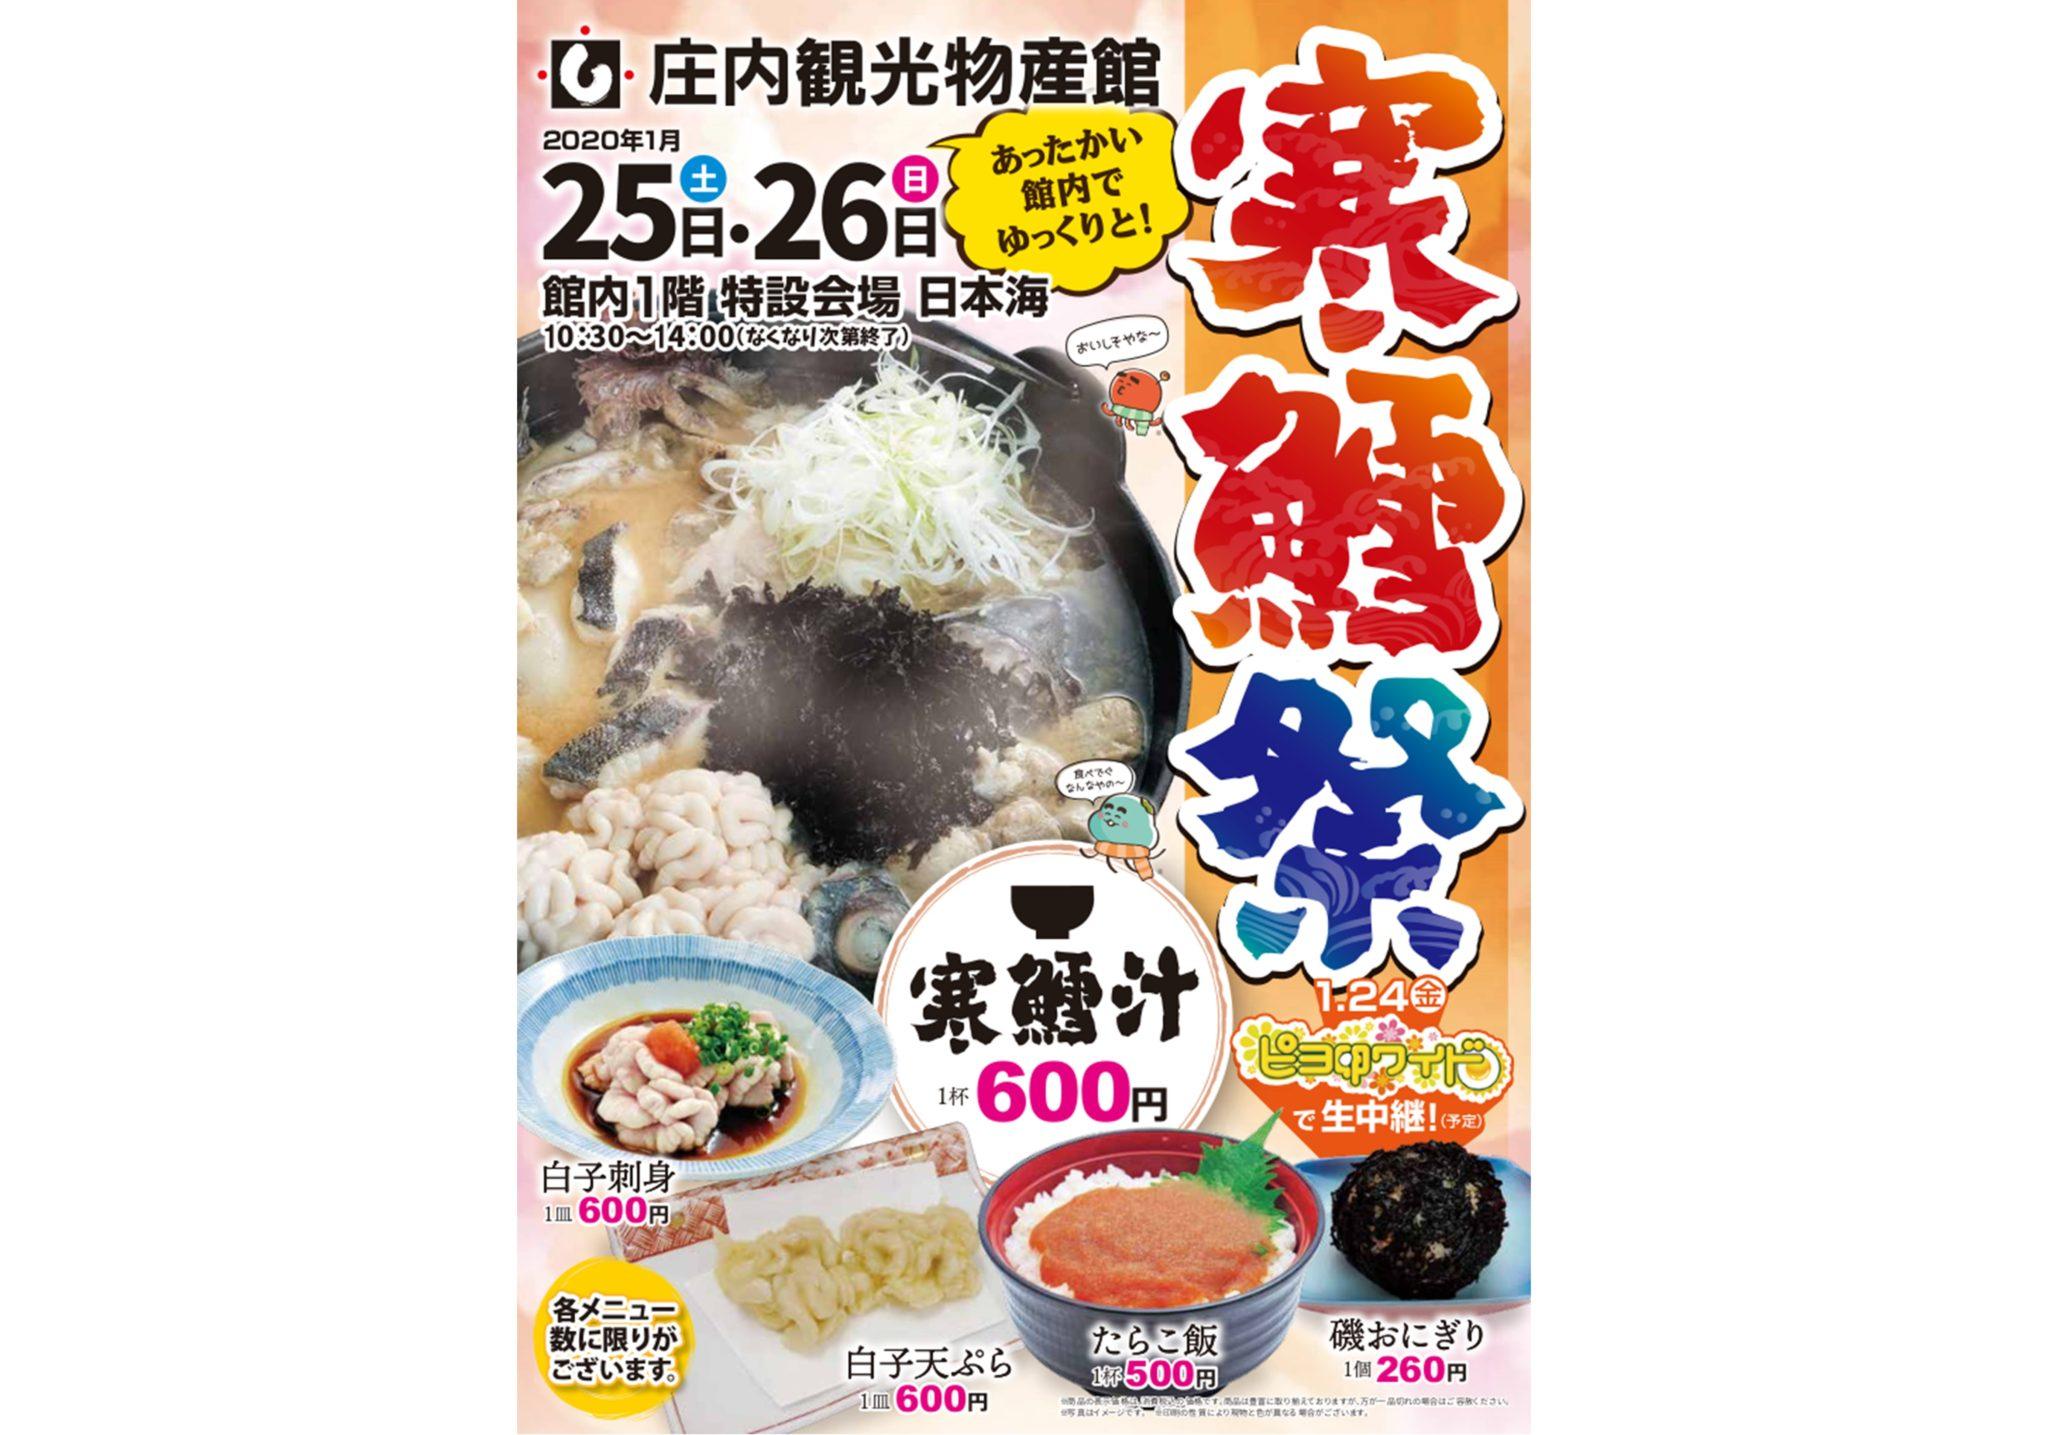 寒鱈祭(庄内観光物産館)